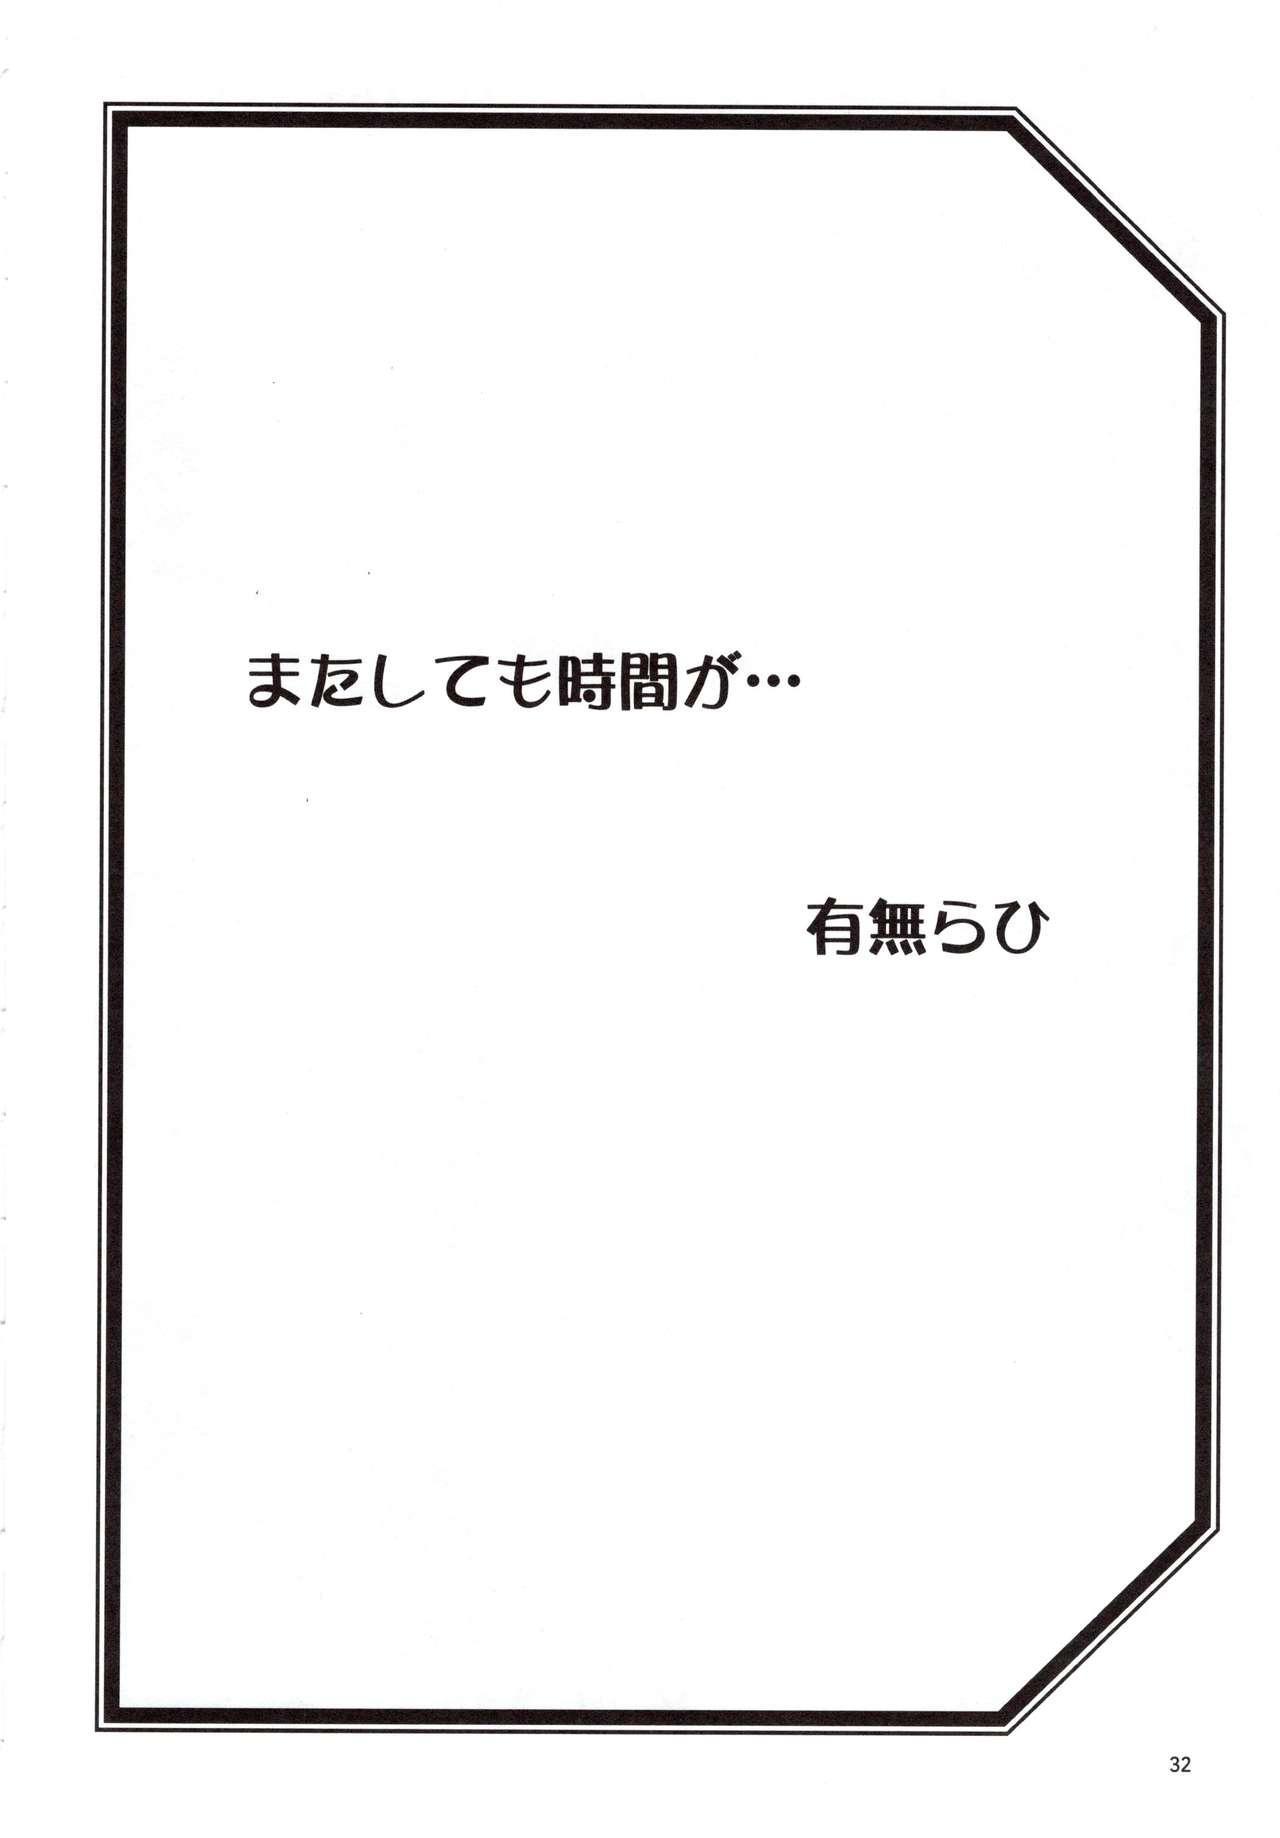 Yama Hime no Mi Orie 30